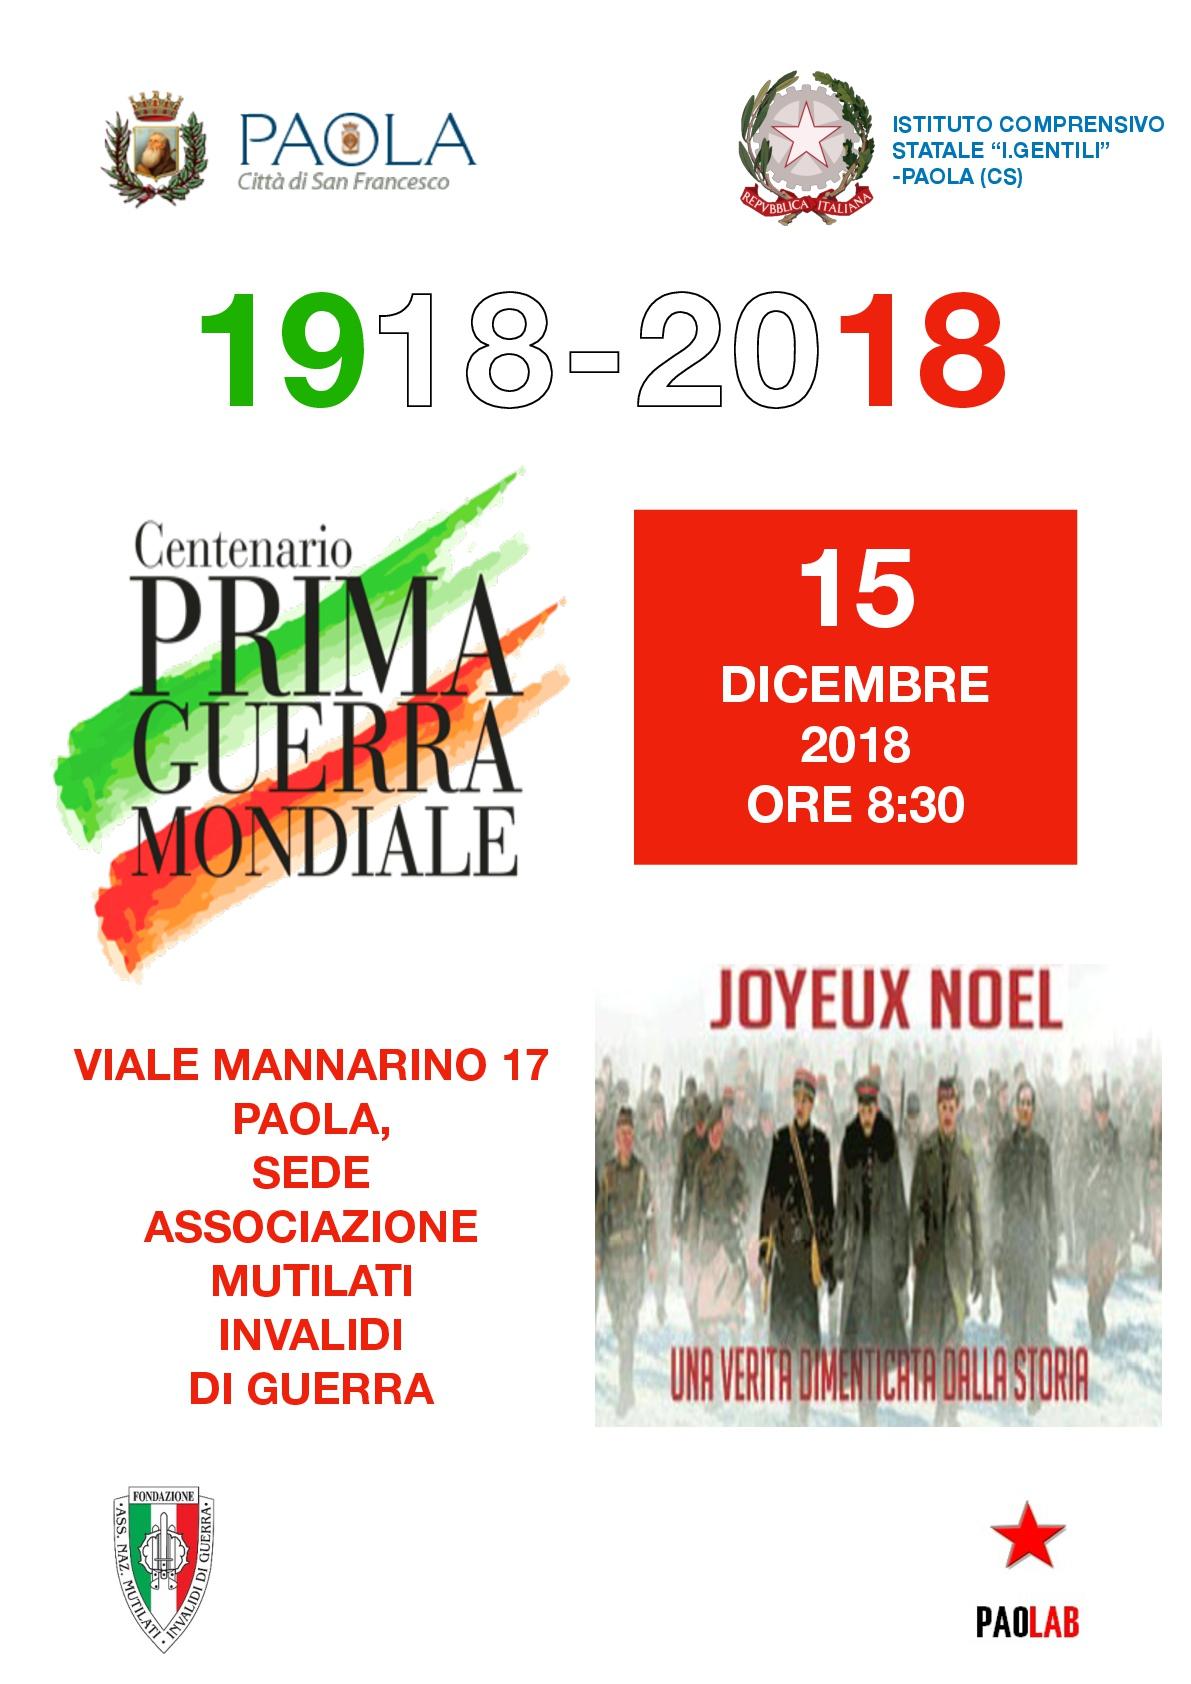 locandina 15 dicembre 2018(1)-001